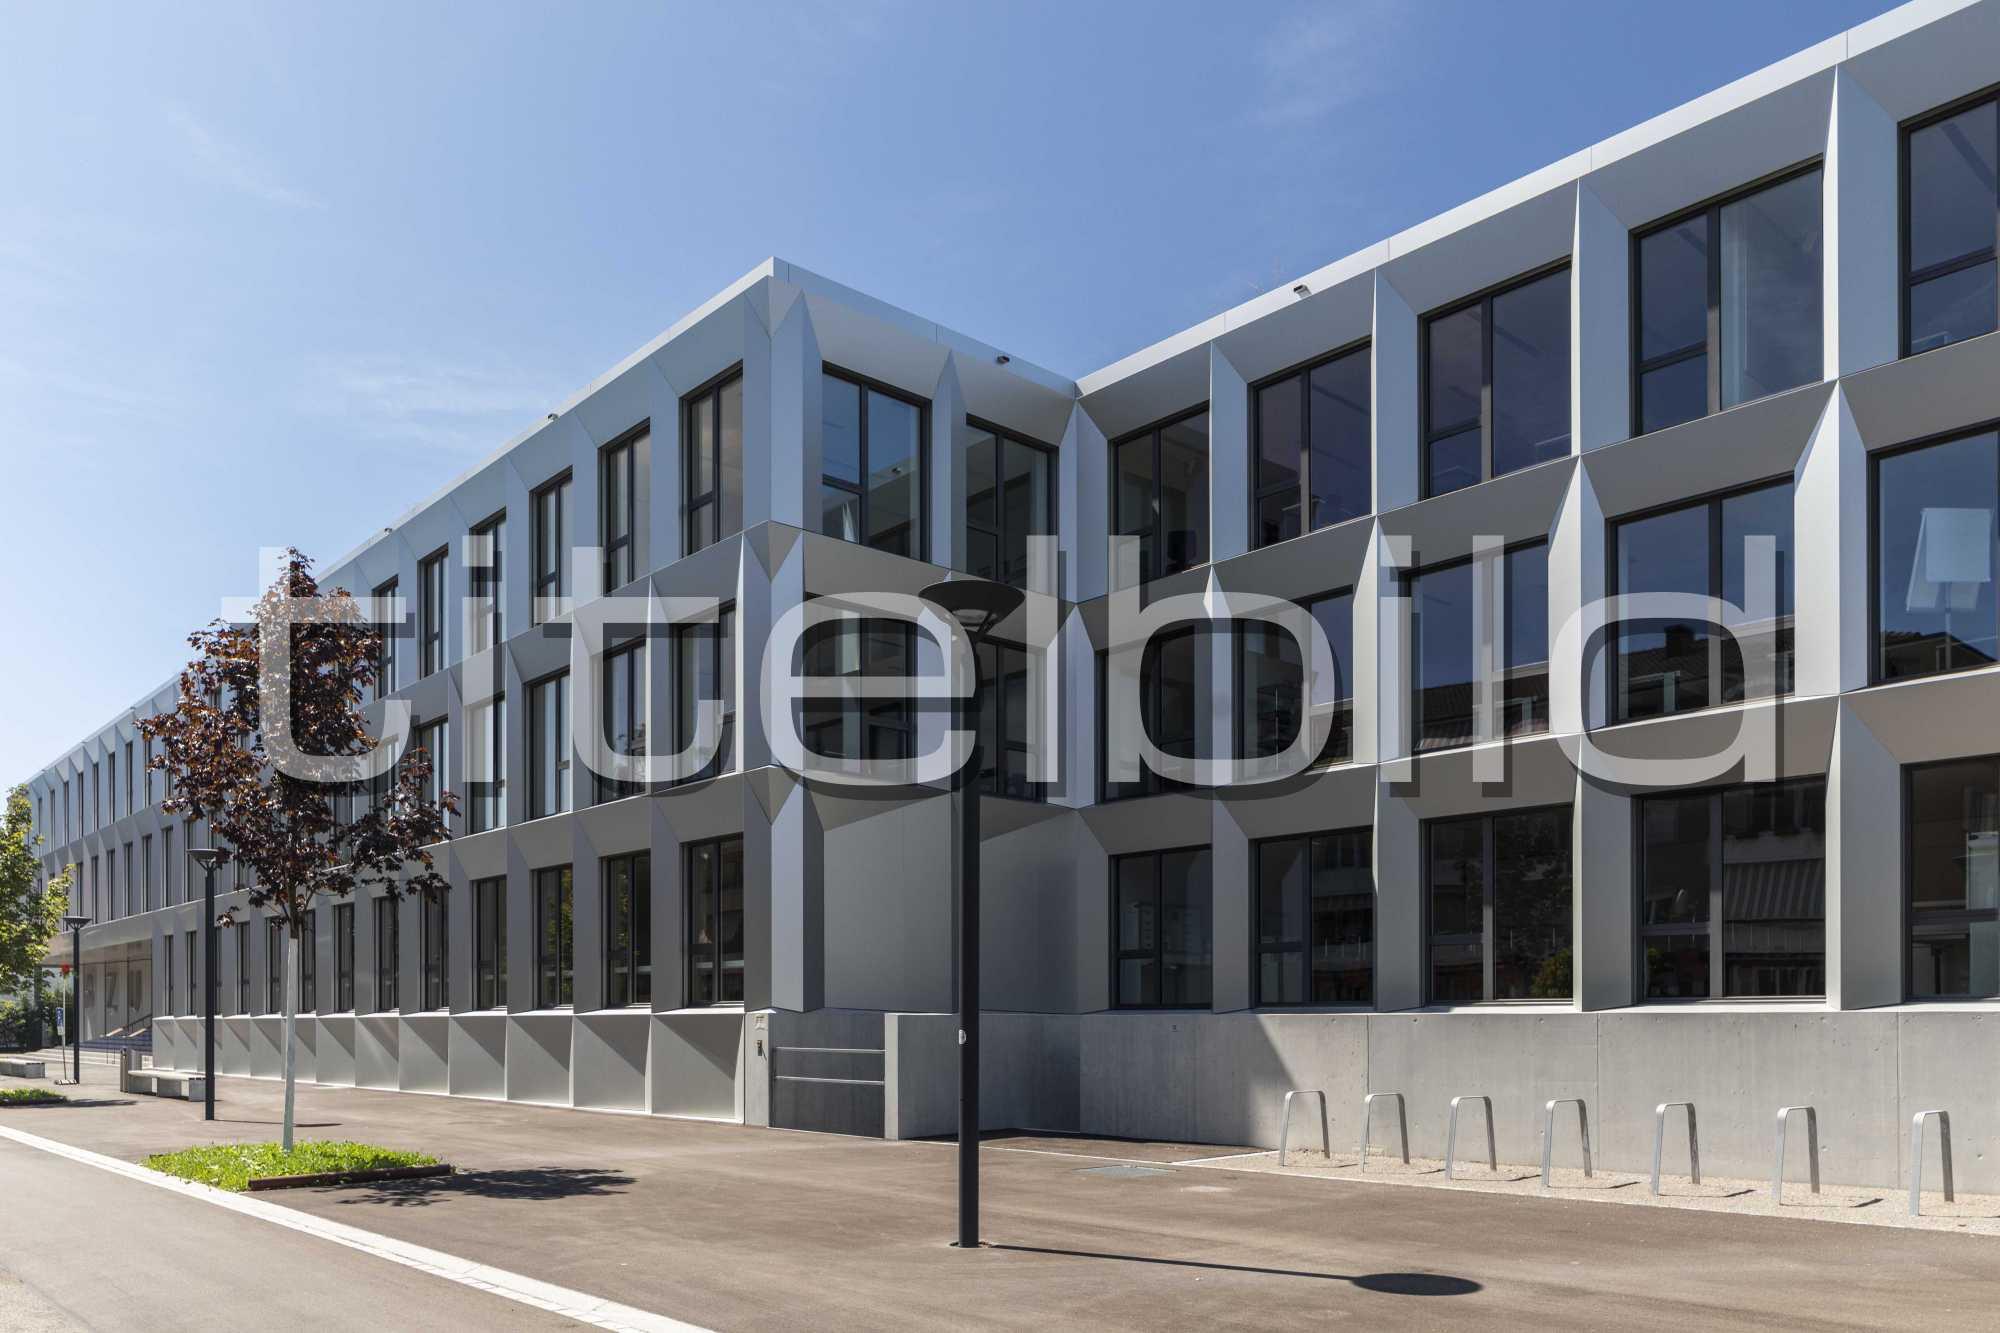 Projektbild-Nr. 4: BZU Bildungszentrum